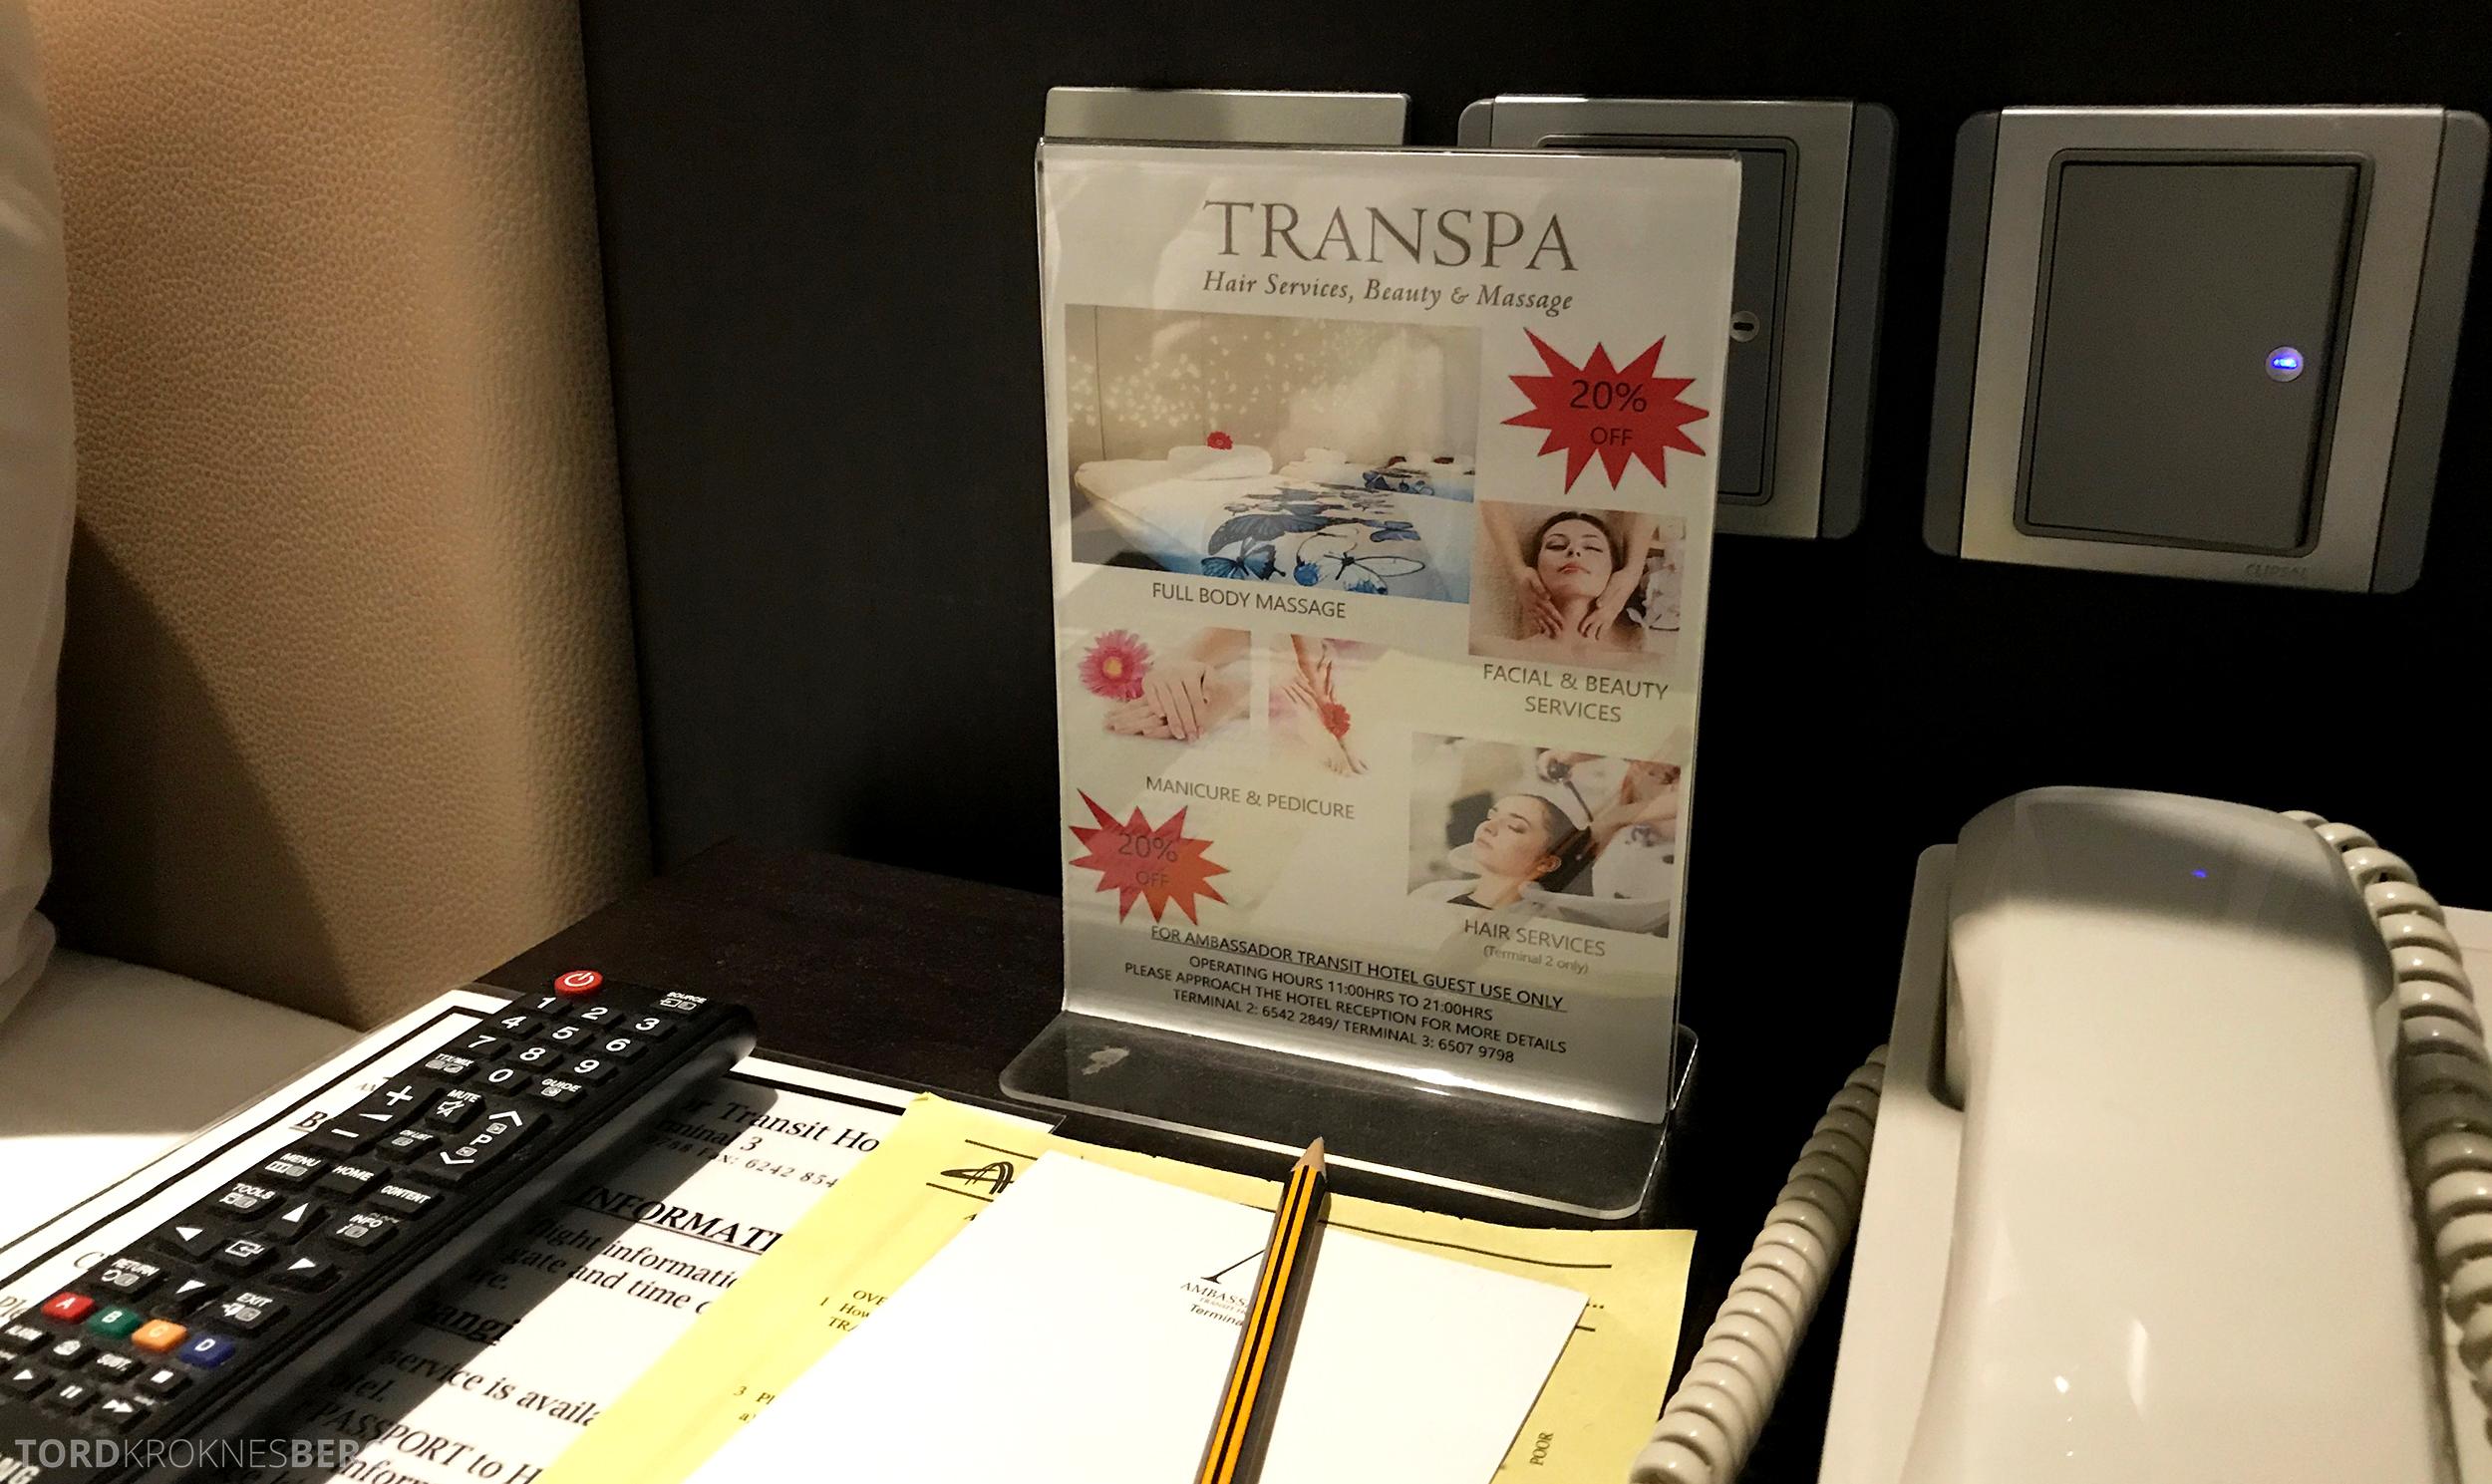 Ambassadeur Transit Hotel Changi spa reklame